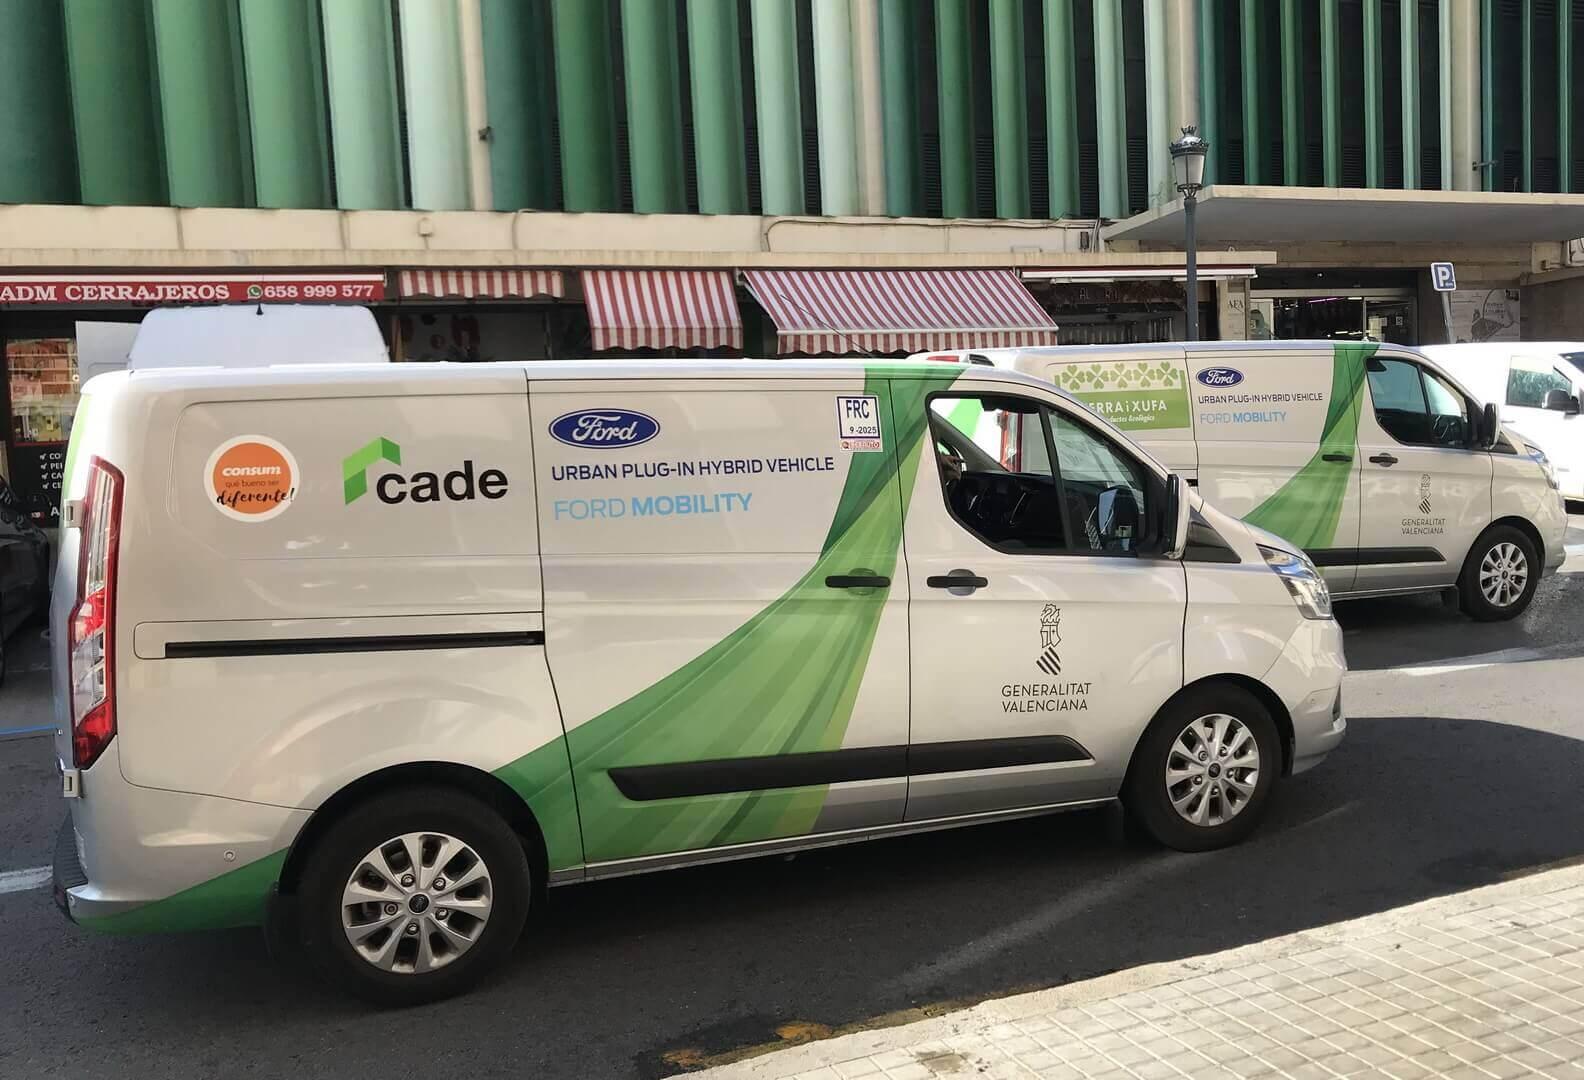 Плагин-гибриды с технологией блокчейна и геозон улучшат качество воздуха в городах